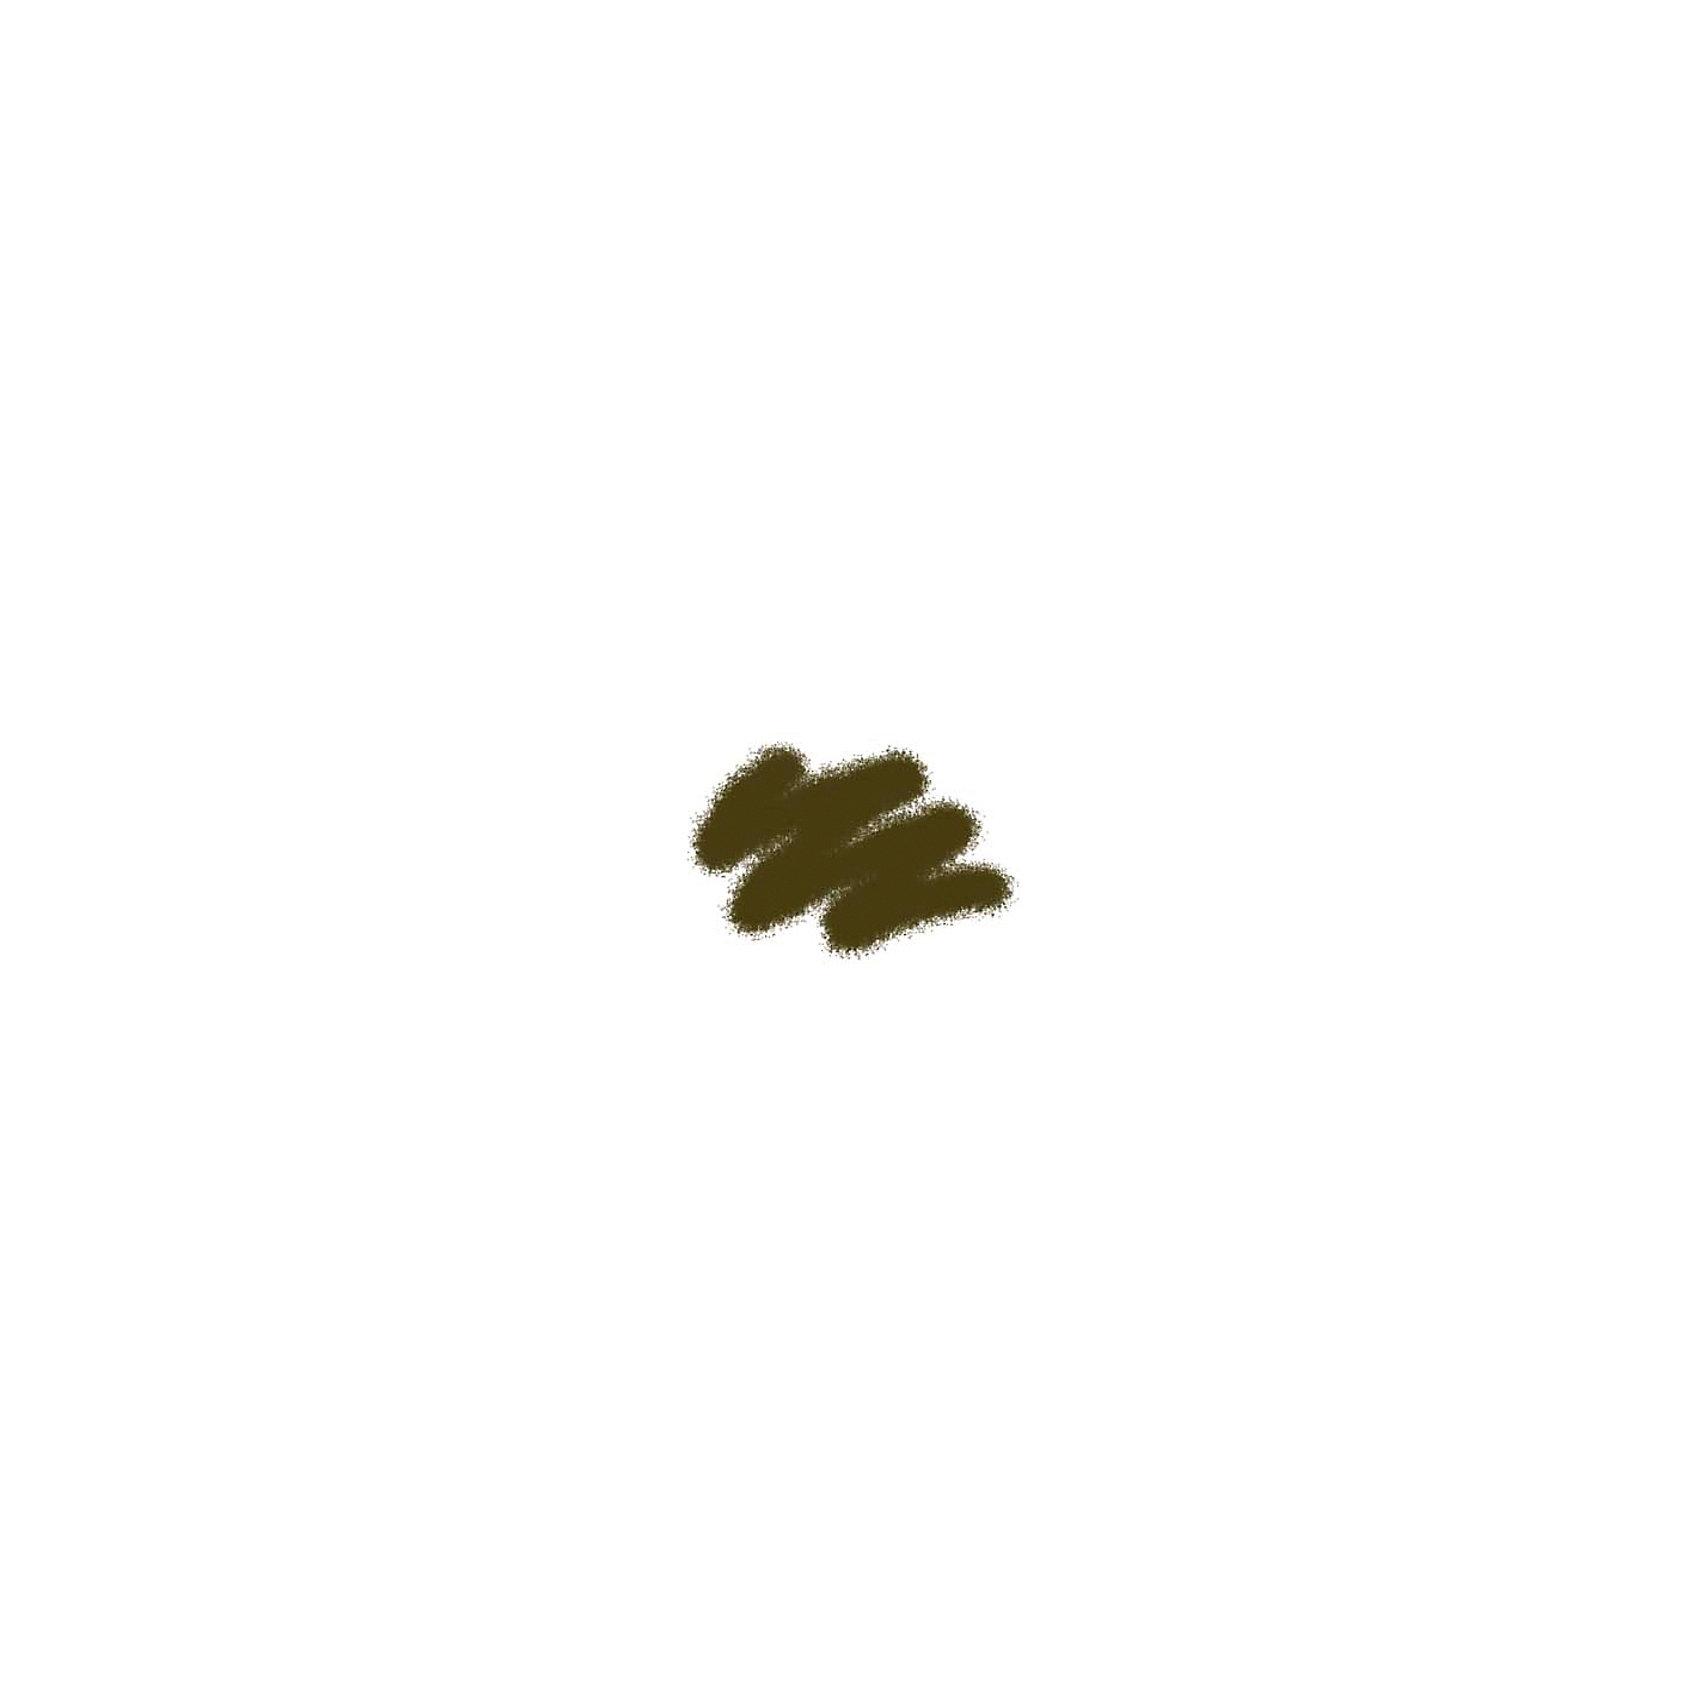 Акриловая краска для моделей Звезда, темно-коричневая 12 млМодели для склеивания<br>Краска темно-коричневая (шт)<br><br>Ширина мм: 18<br>Глубина мм: 18<br>Высота мм: 58<br>Вес г: 19<br>Возраст от месяцев: 72<br>Возраст до месяцев: 180<br>Пол: Мужской<br>Возраст: Детский<br>SKU: 7086637